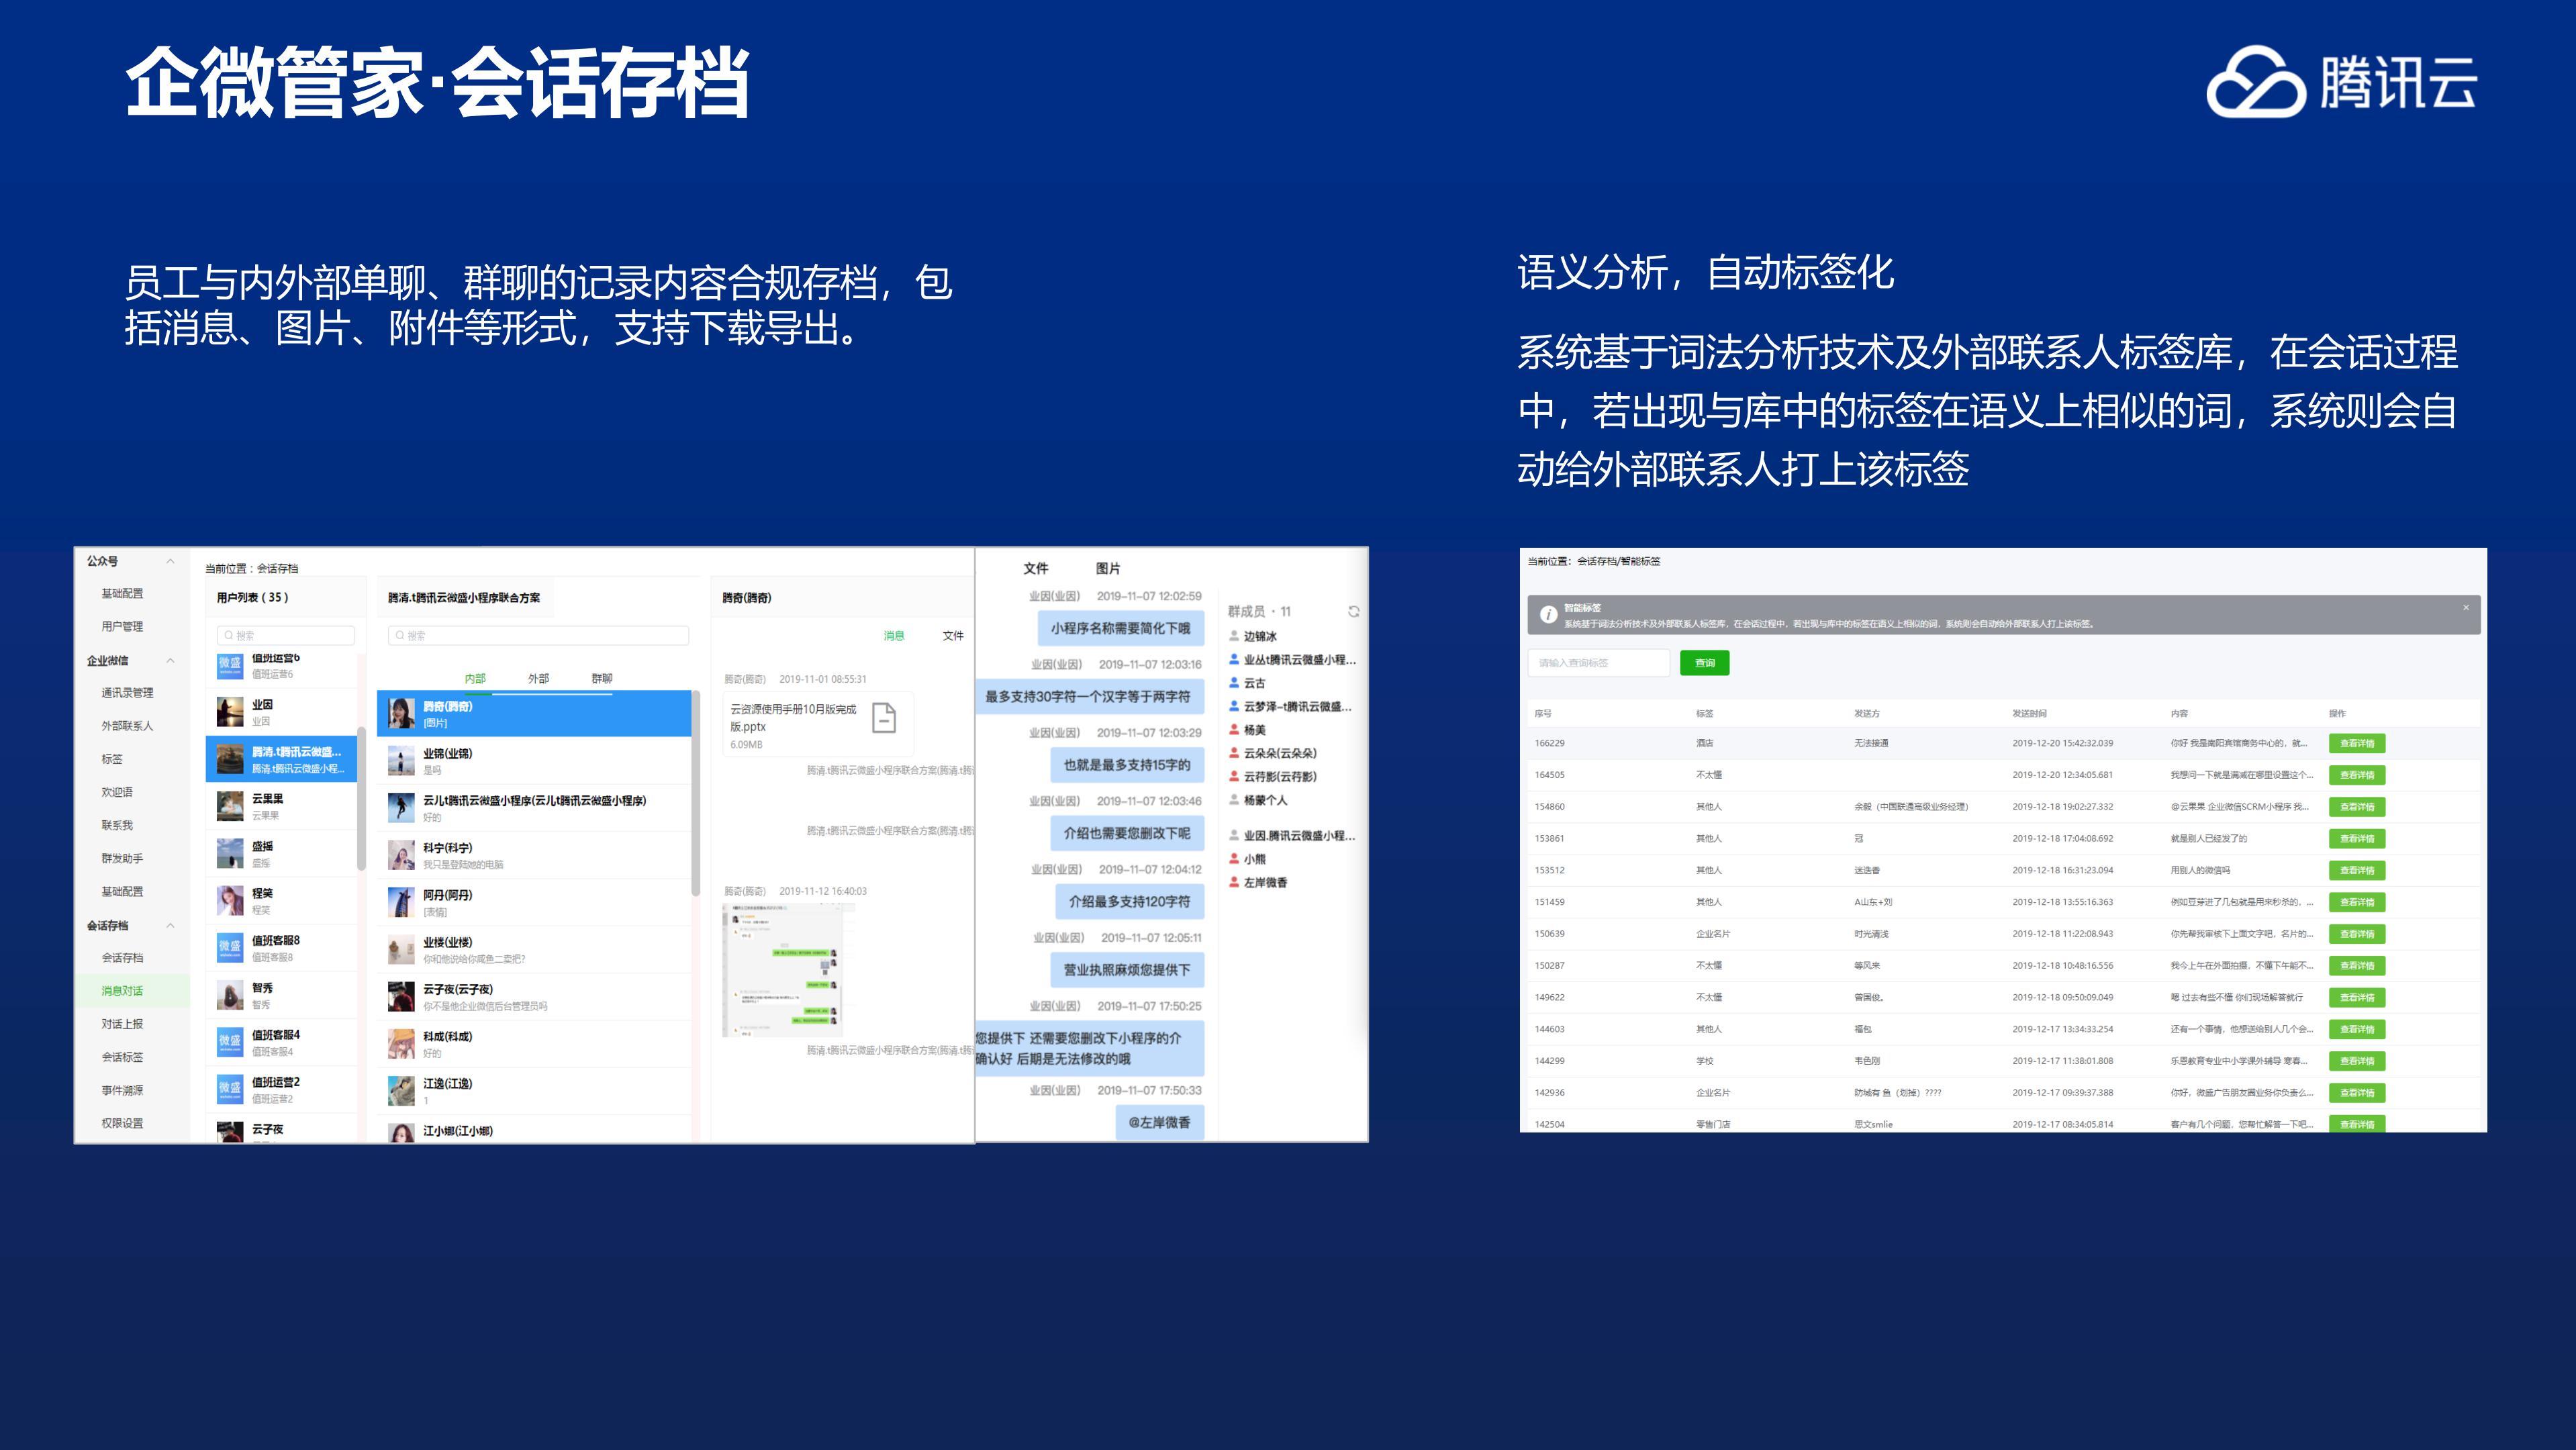 腾讯云企微管家产品介绍_28.jpg